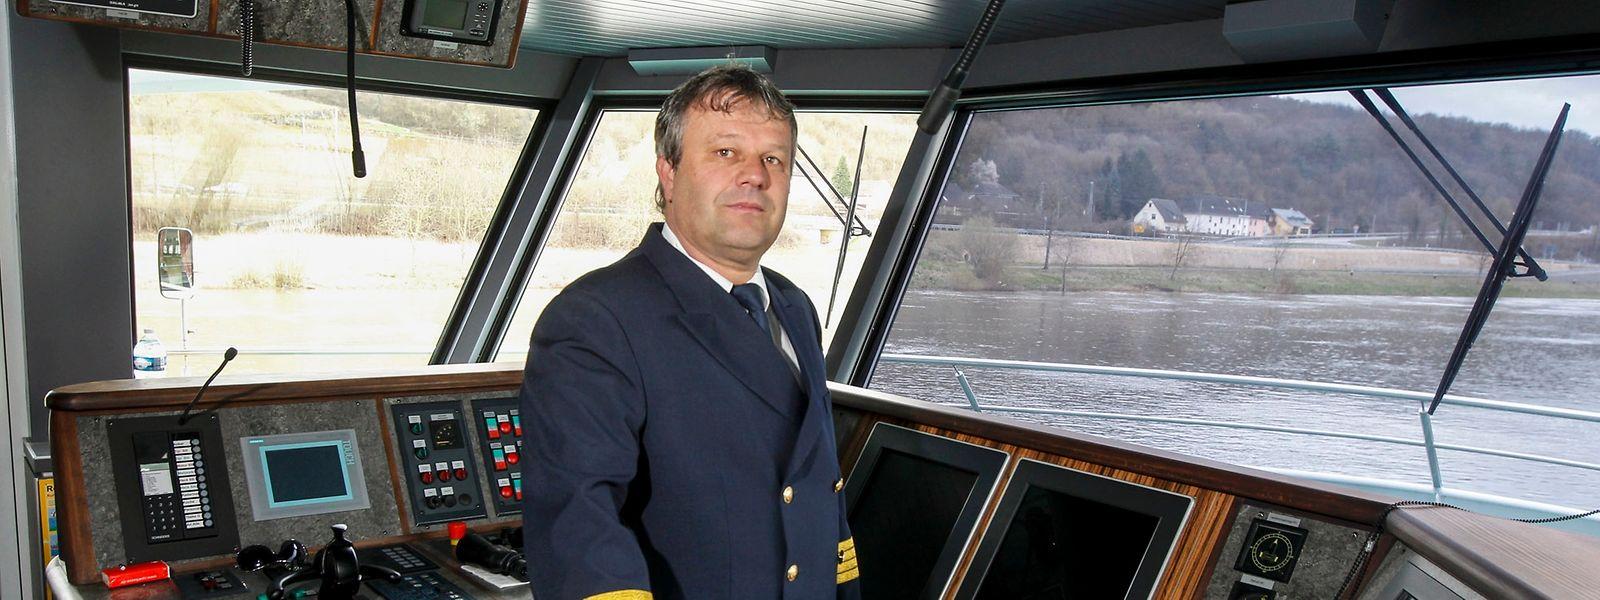 Seit November 2010 Kapitän der Princesse Marie-Astrid: Jürges Emmes.